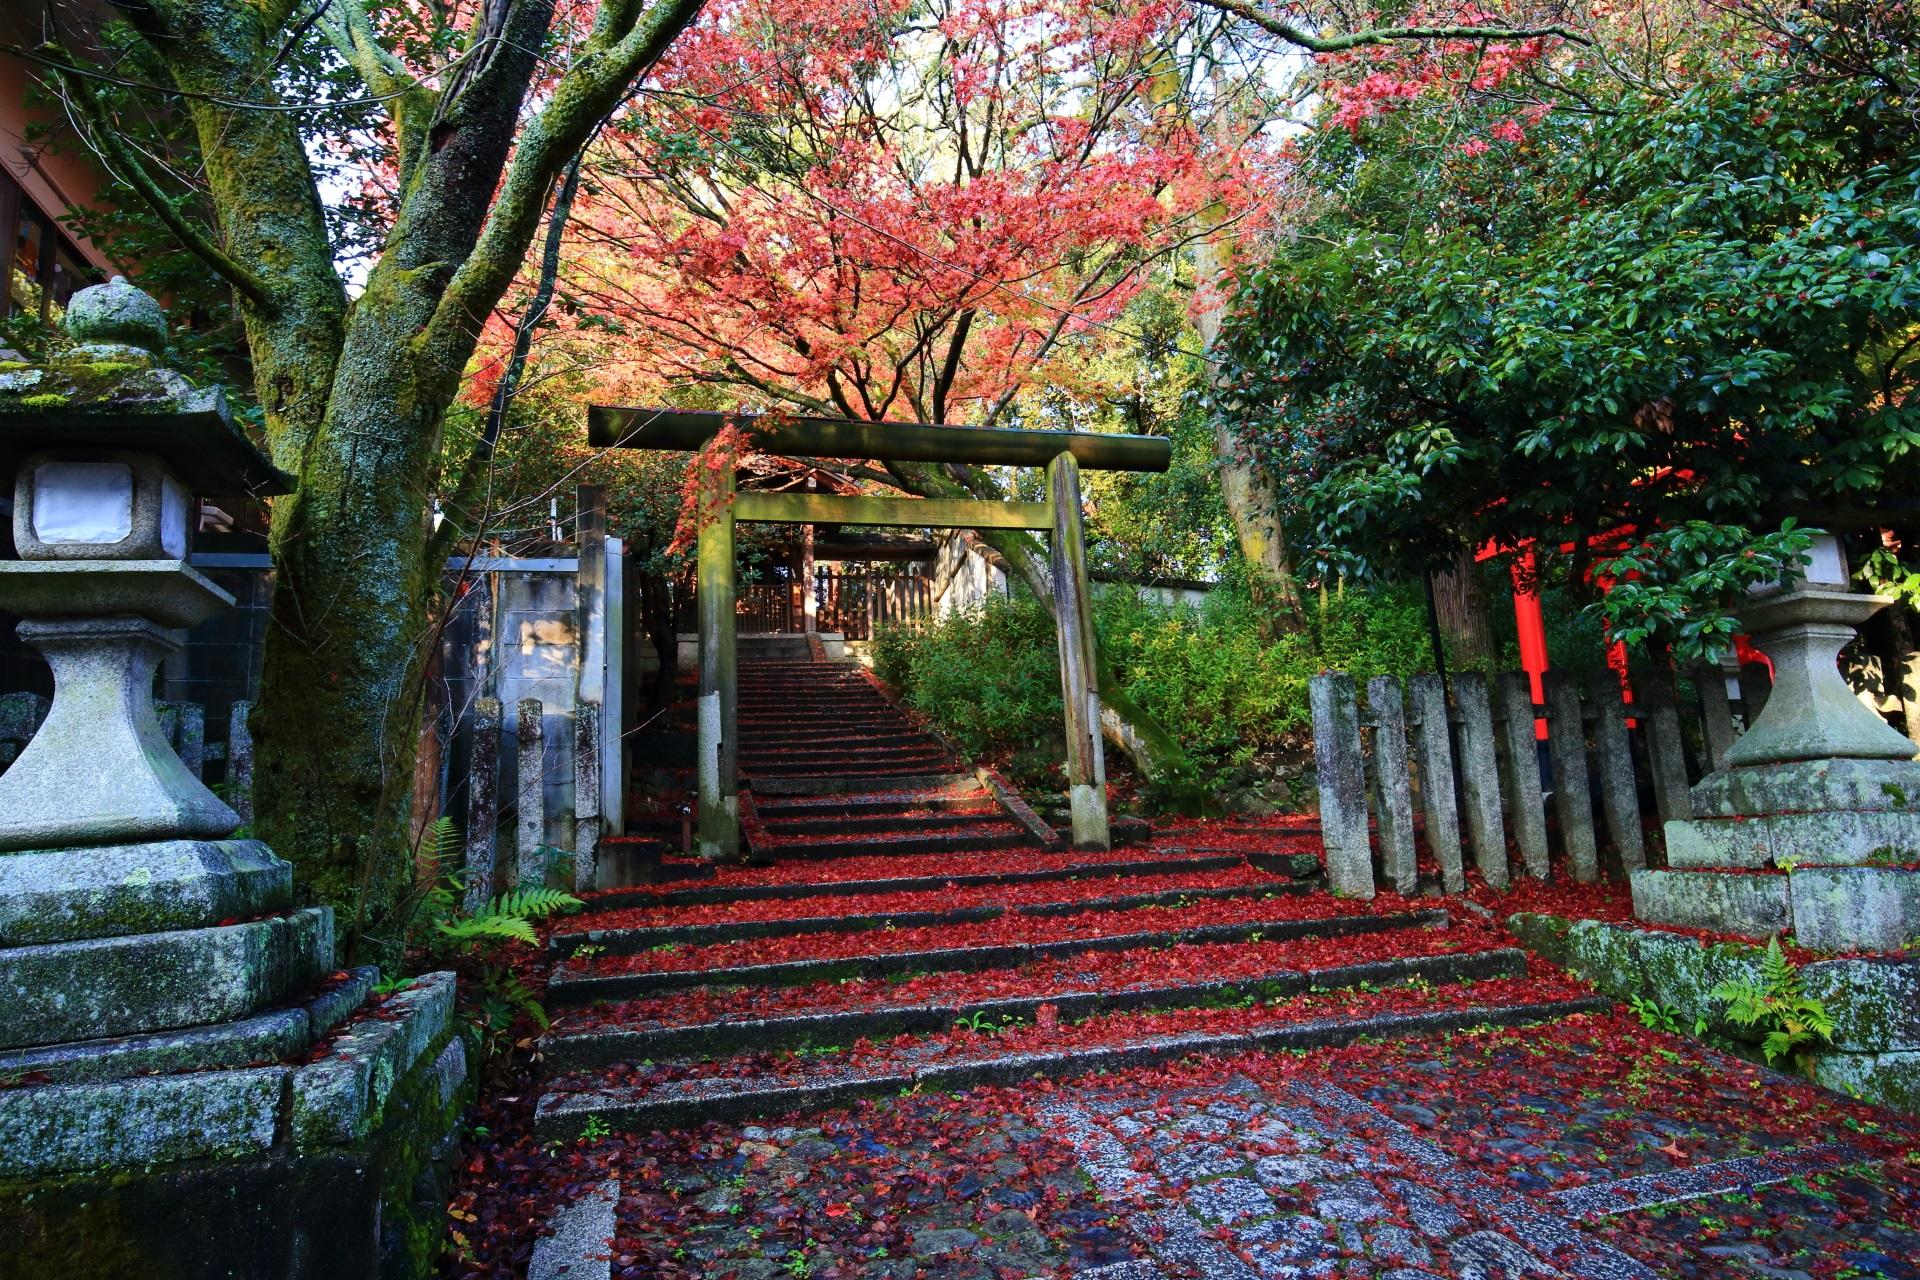 今宮神社の月読社と地主稲荷社前の散り紅葉で赤く染まる石畳の石段